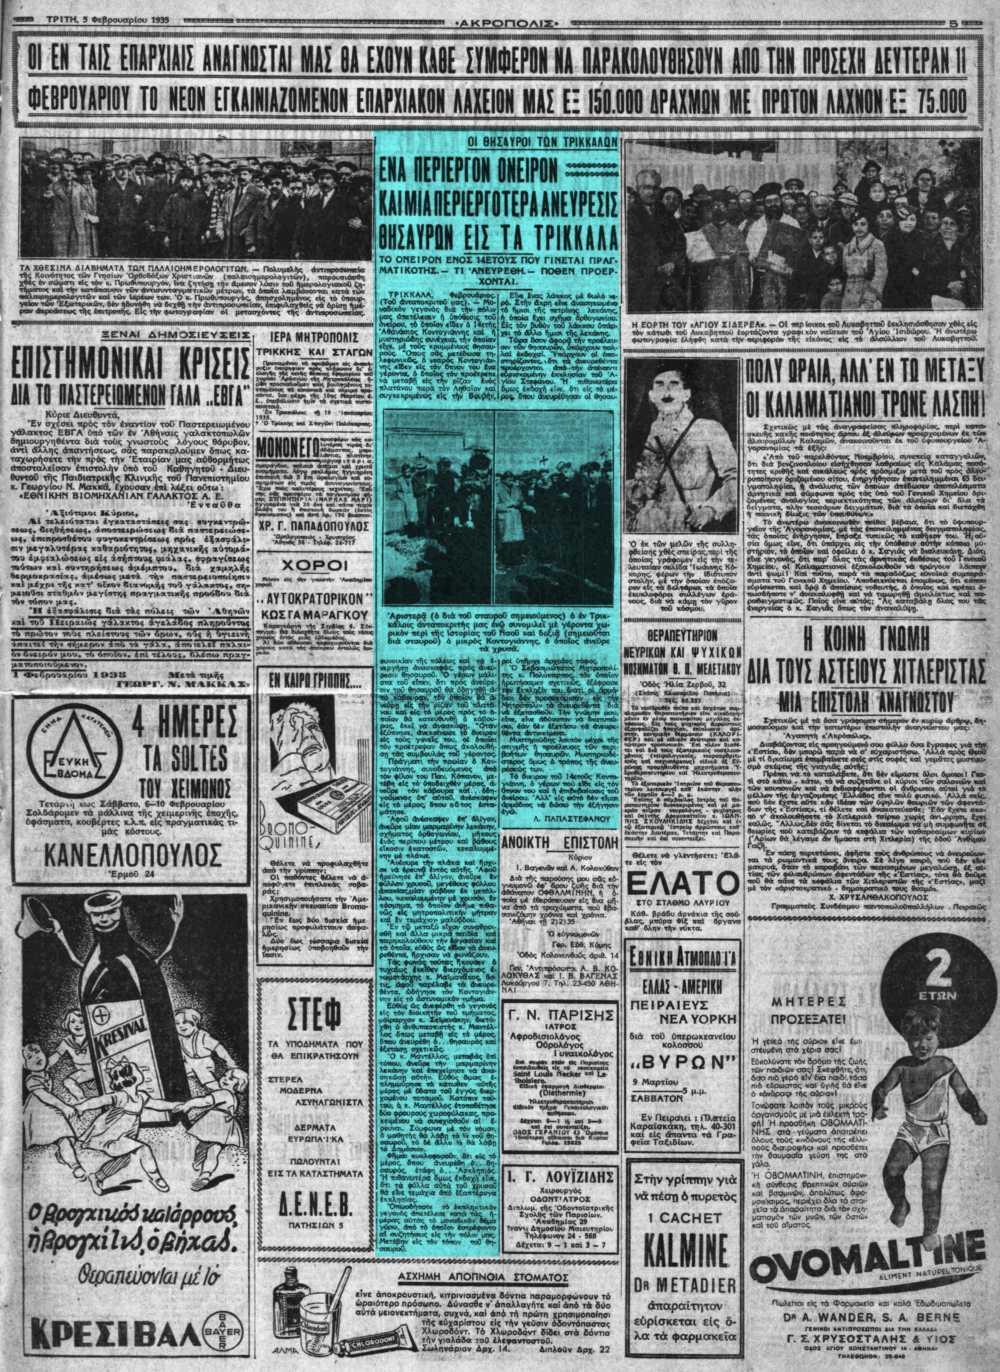 """Το άρθρο, όπως δημοσιεύθηκε στην εφημερίδα """"ΑΚΡΟΠΟΛΙΣ"""", στις 05/02/1935"""